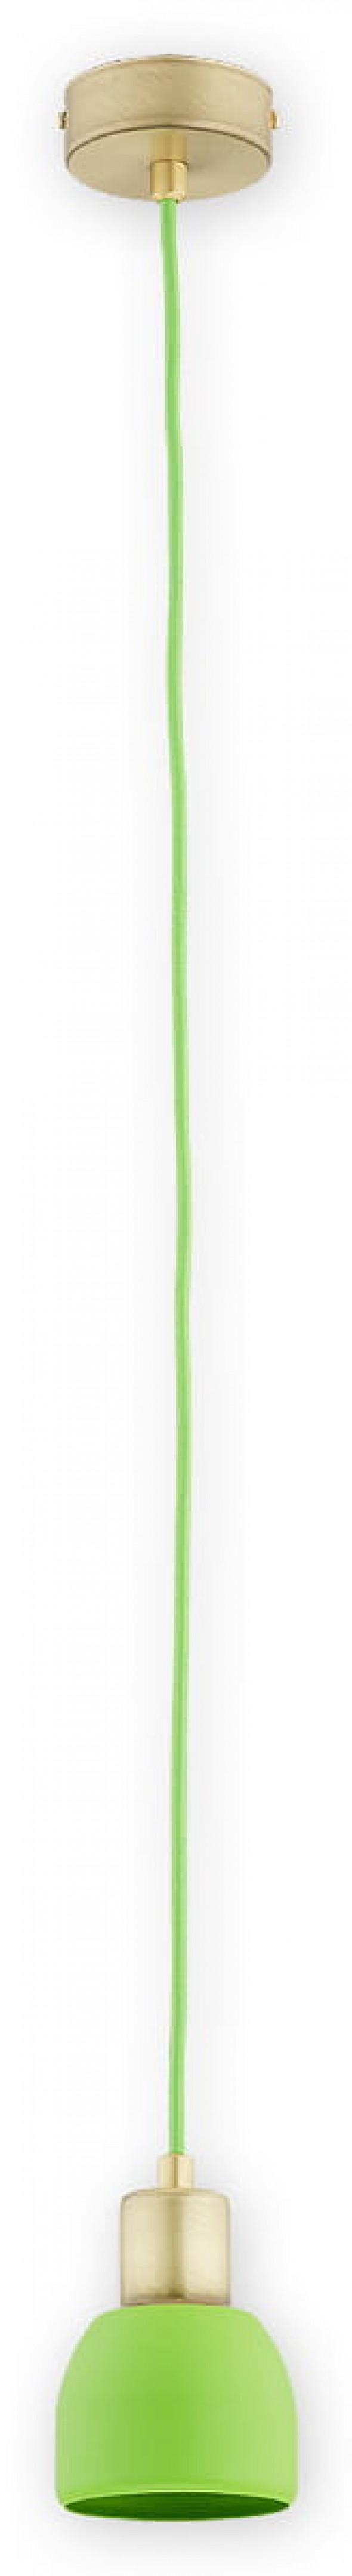 Piu zwis 1 pł. (na 1 przewód) / patyna + zielony